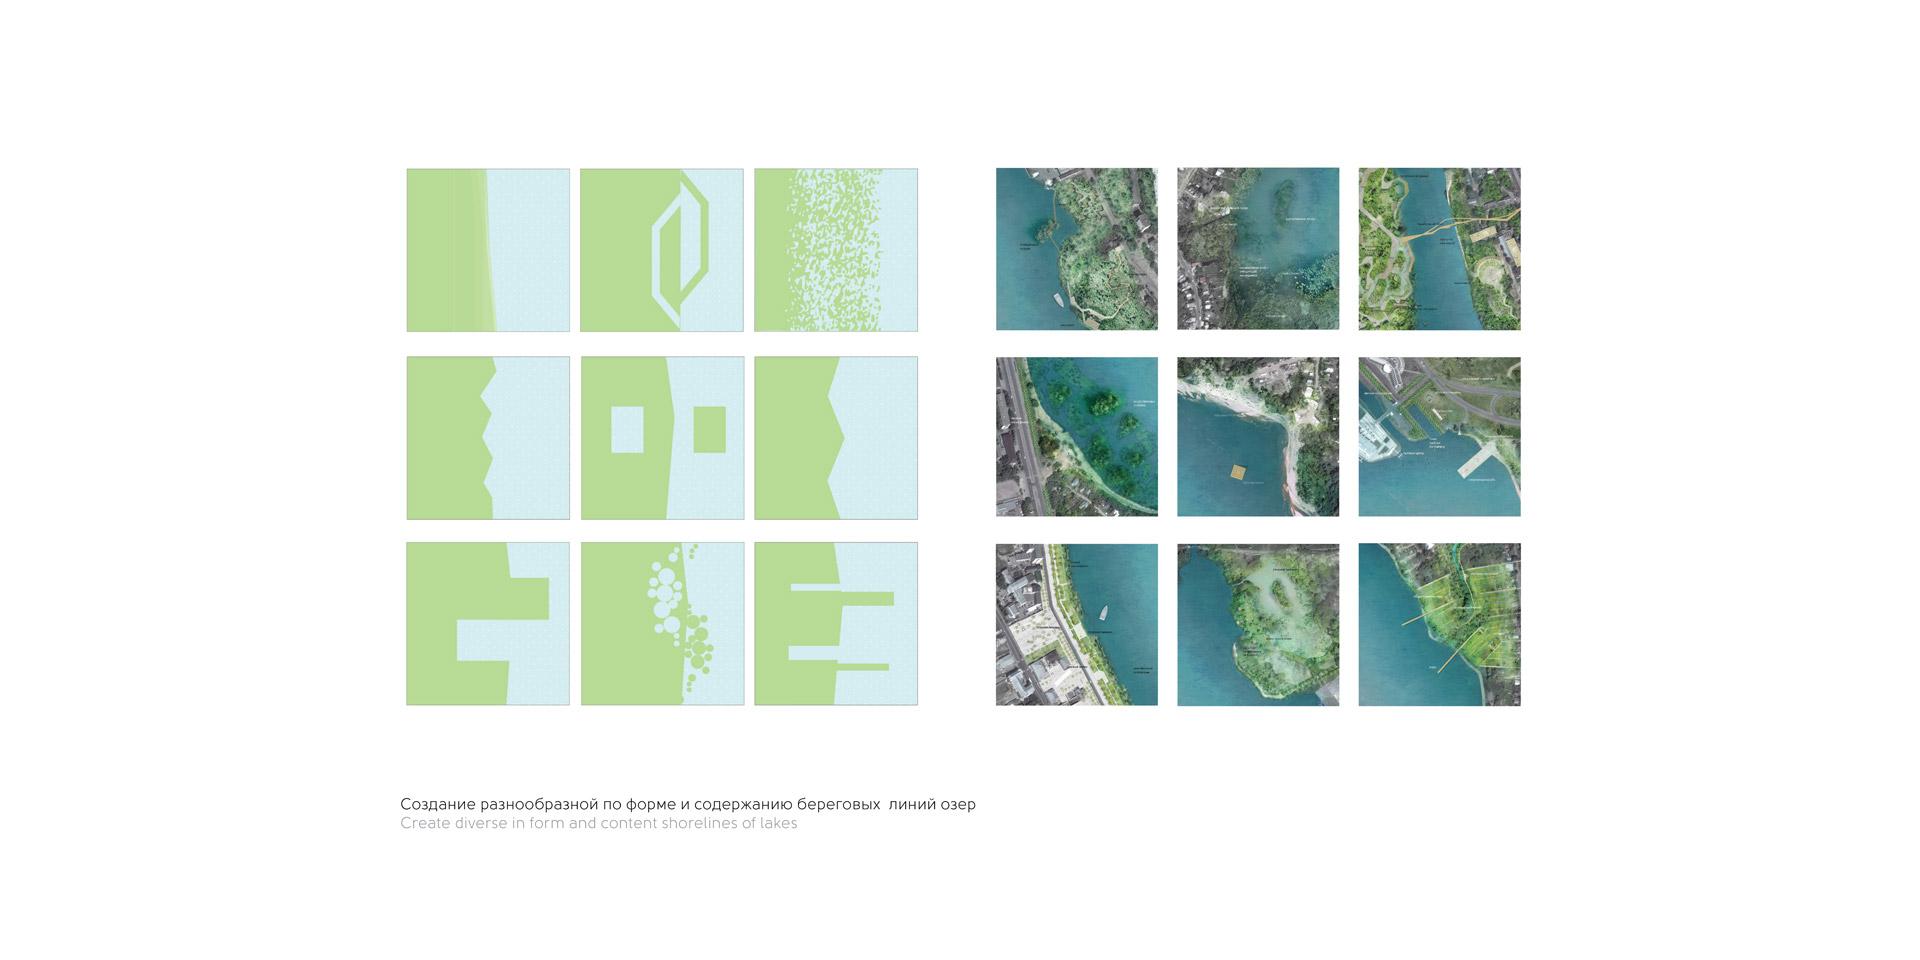 Концепция набережных озер Кабан